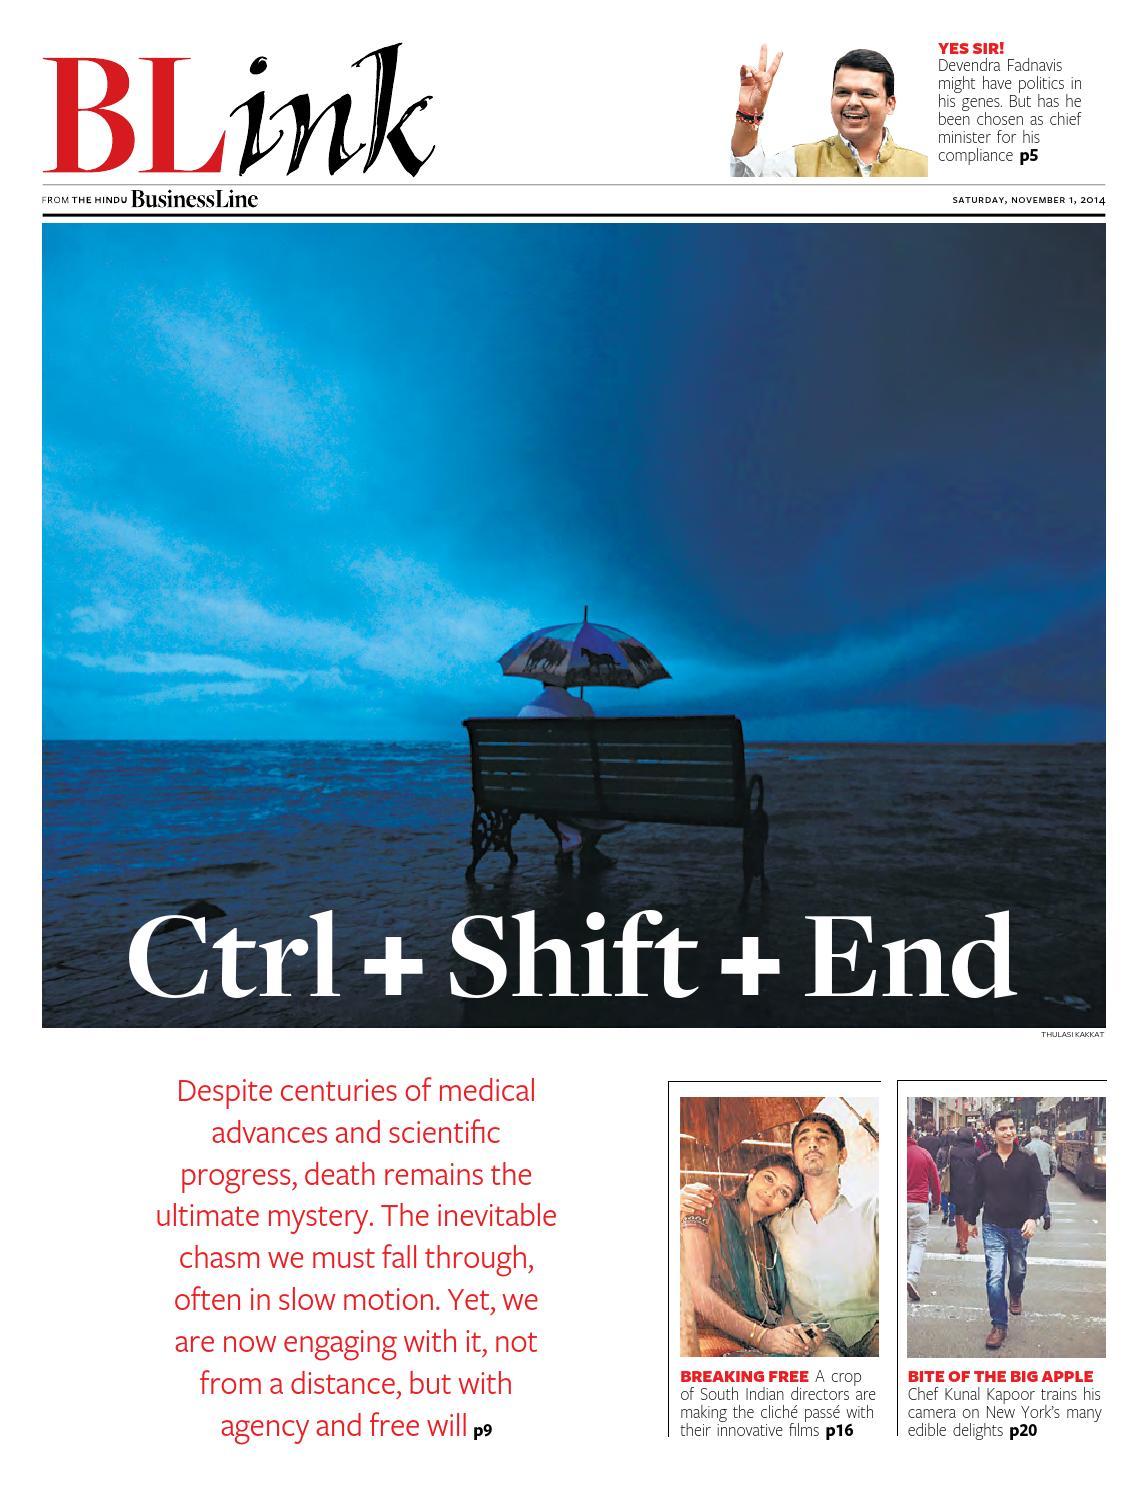 Blink issue 40 november01 2014 by Partha Pratim Sharma-Portfolio - issuu